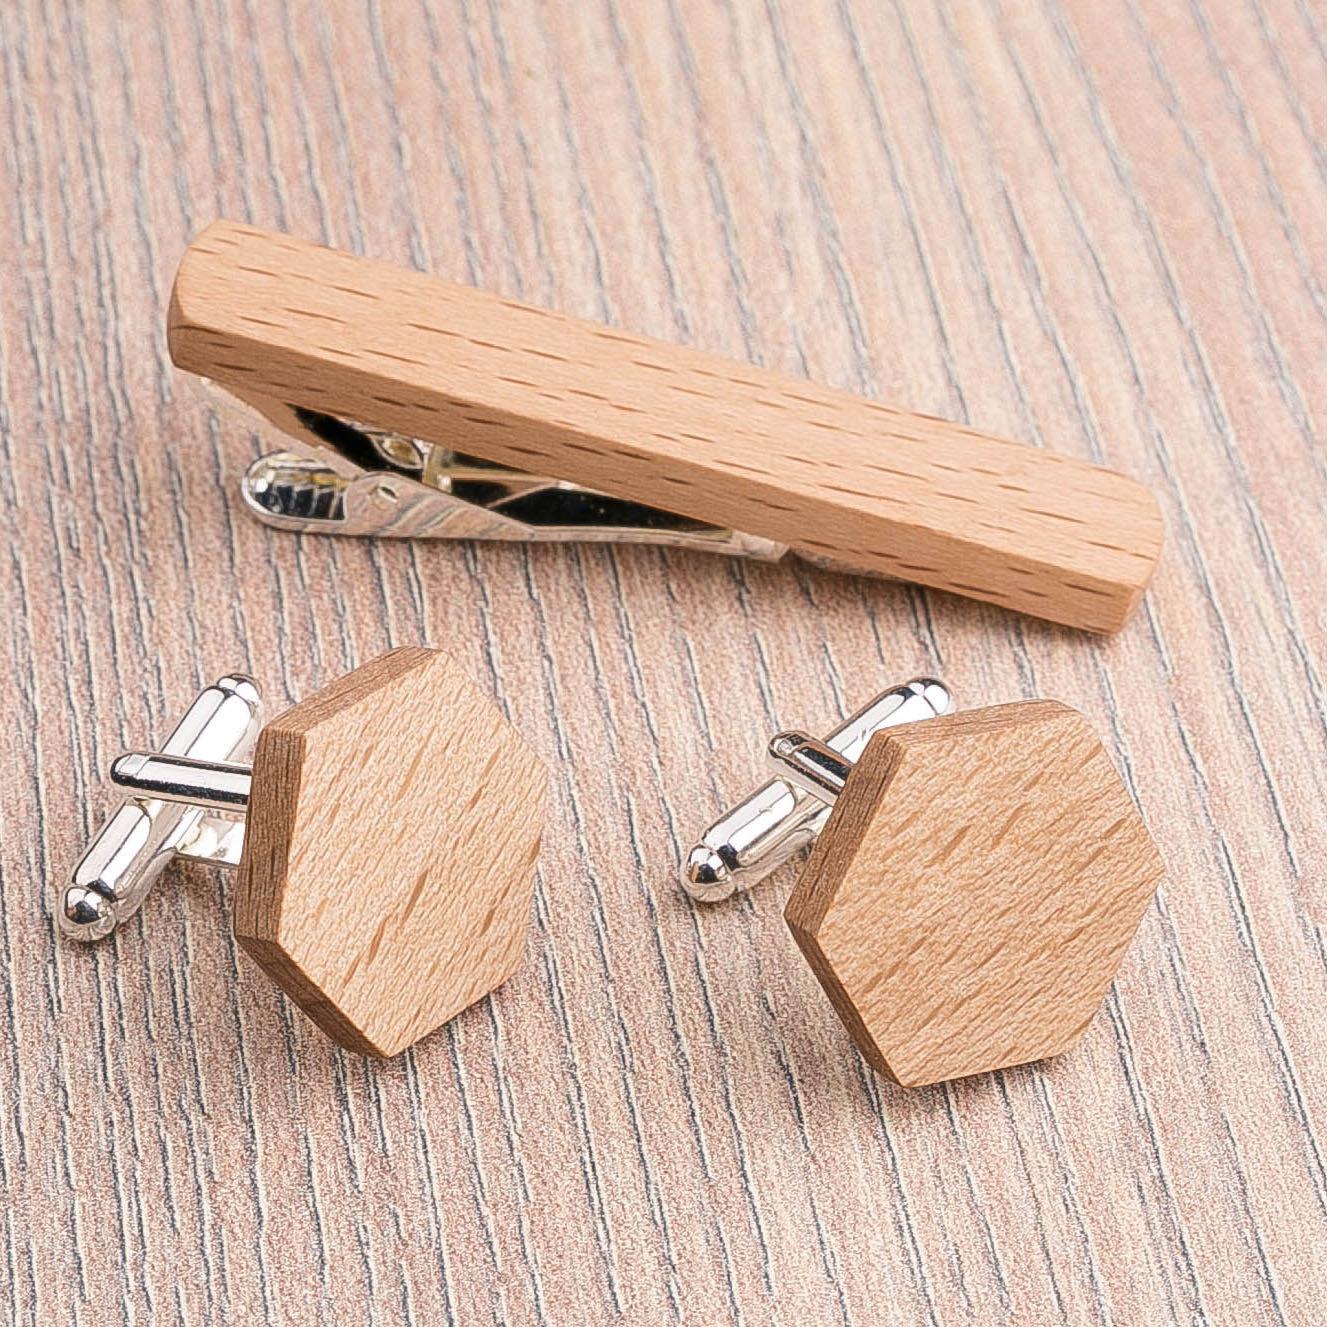 Комплект: Шестигранные запонки из дерева и Деревянный зажим для галстука. Массив бука. Гравировка инициалов. Упаковка в комплекте CufflinksSet-OctagonBeech